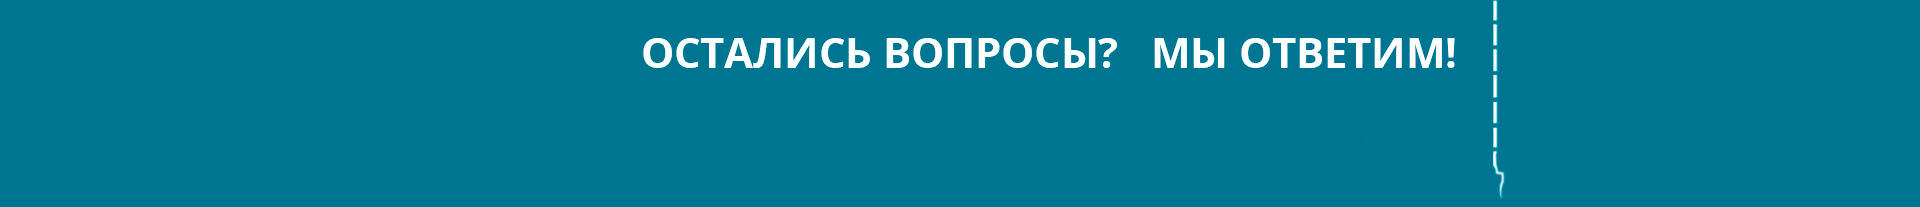 Контакты компании Garudan, Украина